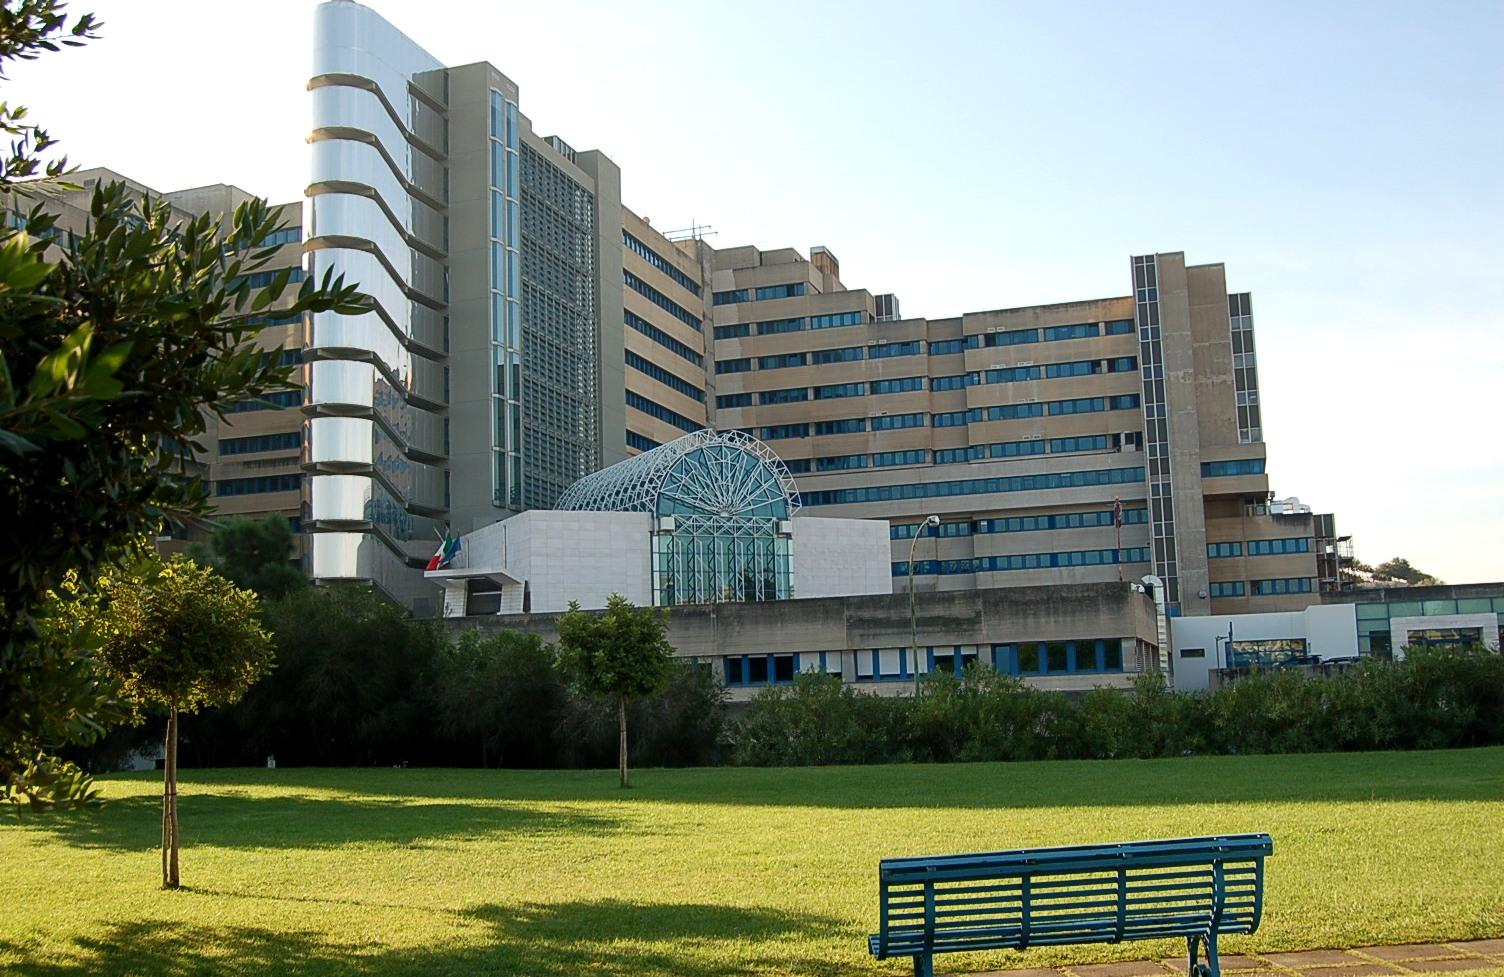 Cagliari intervento chirurgico record